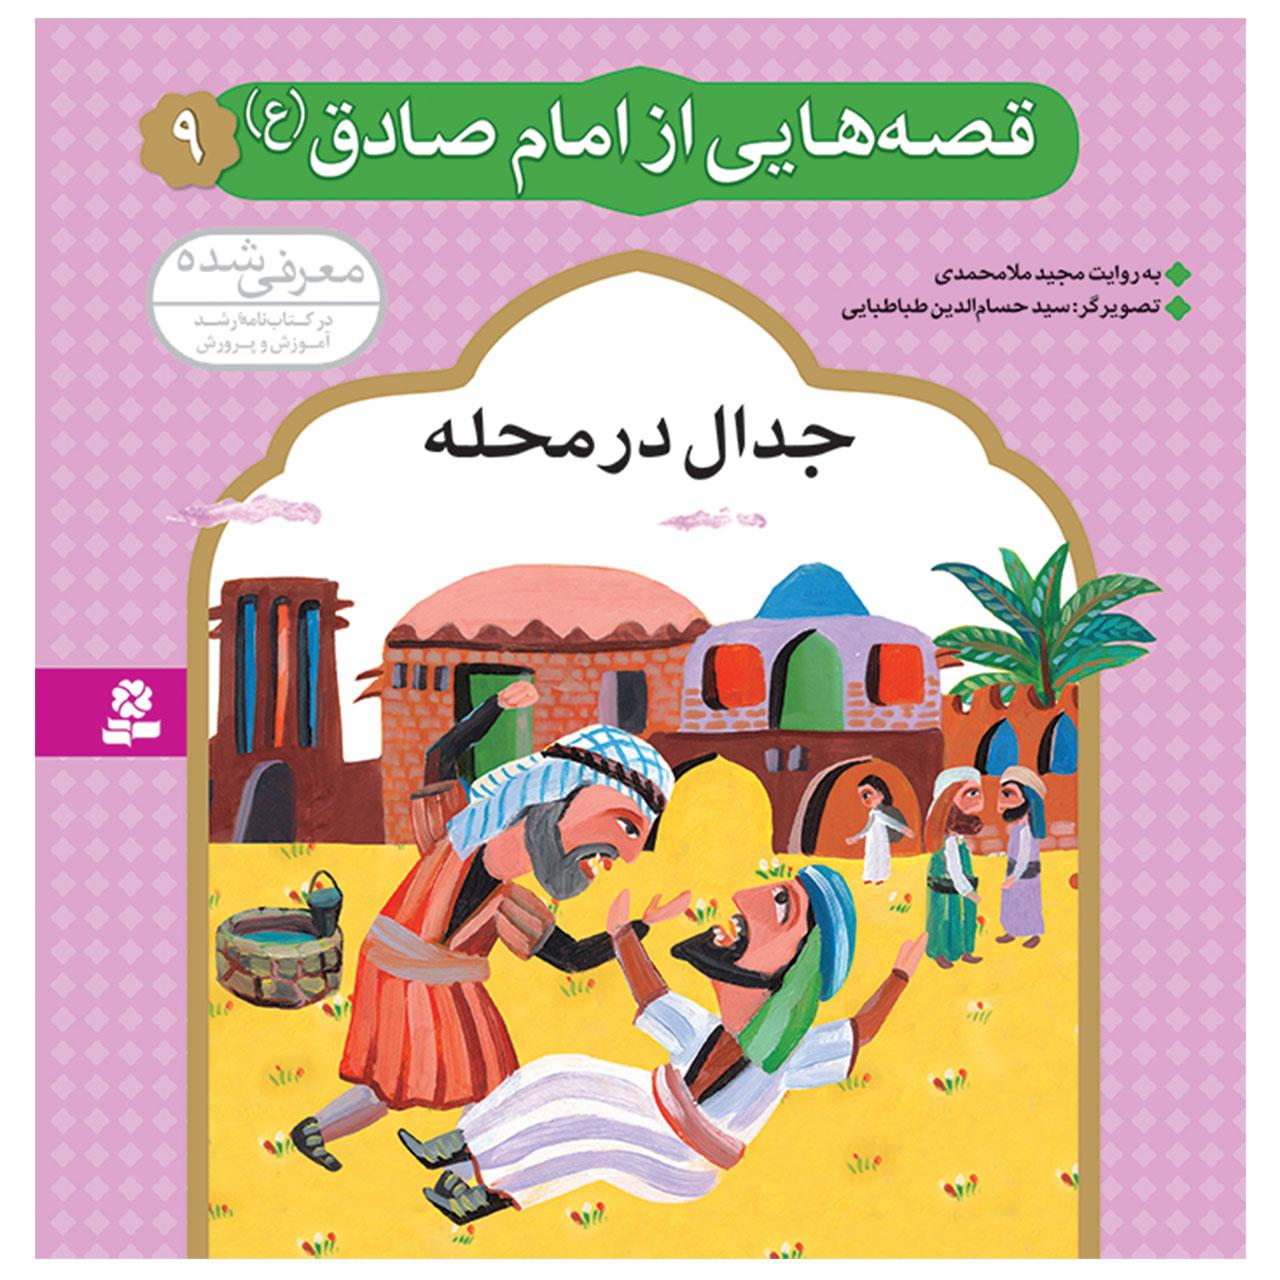 خرید                      کتاب قصه هایی از امام صادق (ع) 9 جدال در محله اثر مجید ملامحمدی انتشارات قدیانی